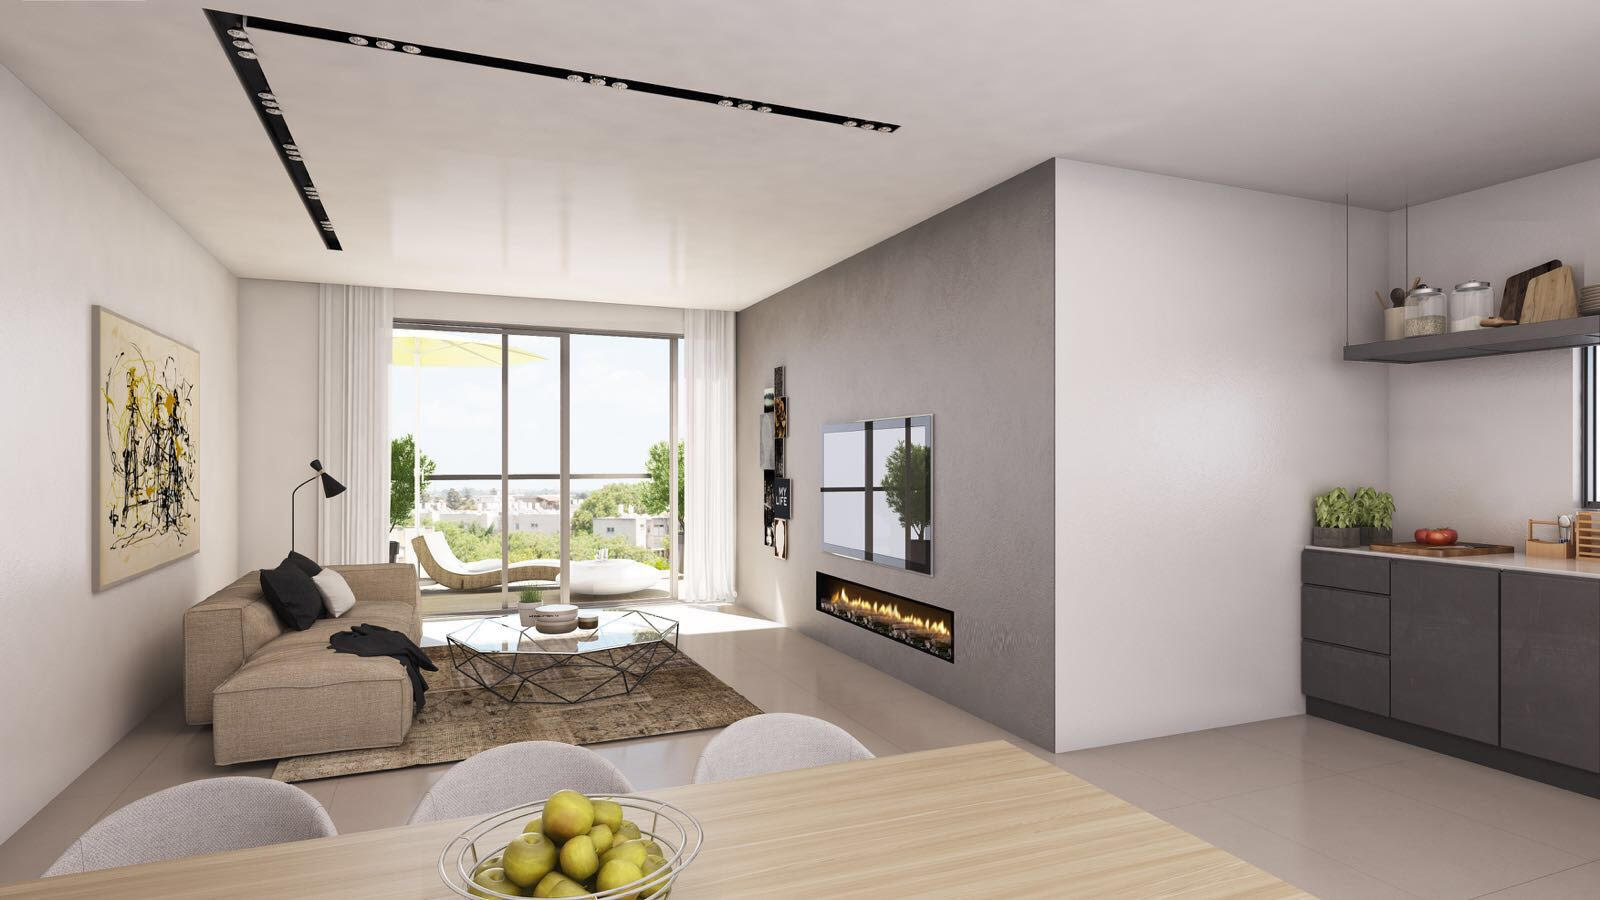 דירת 4 חדרים חדשה מקבלן בקריית מוצקין